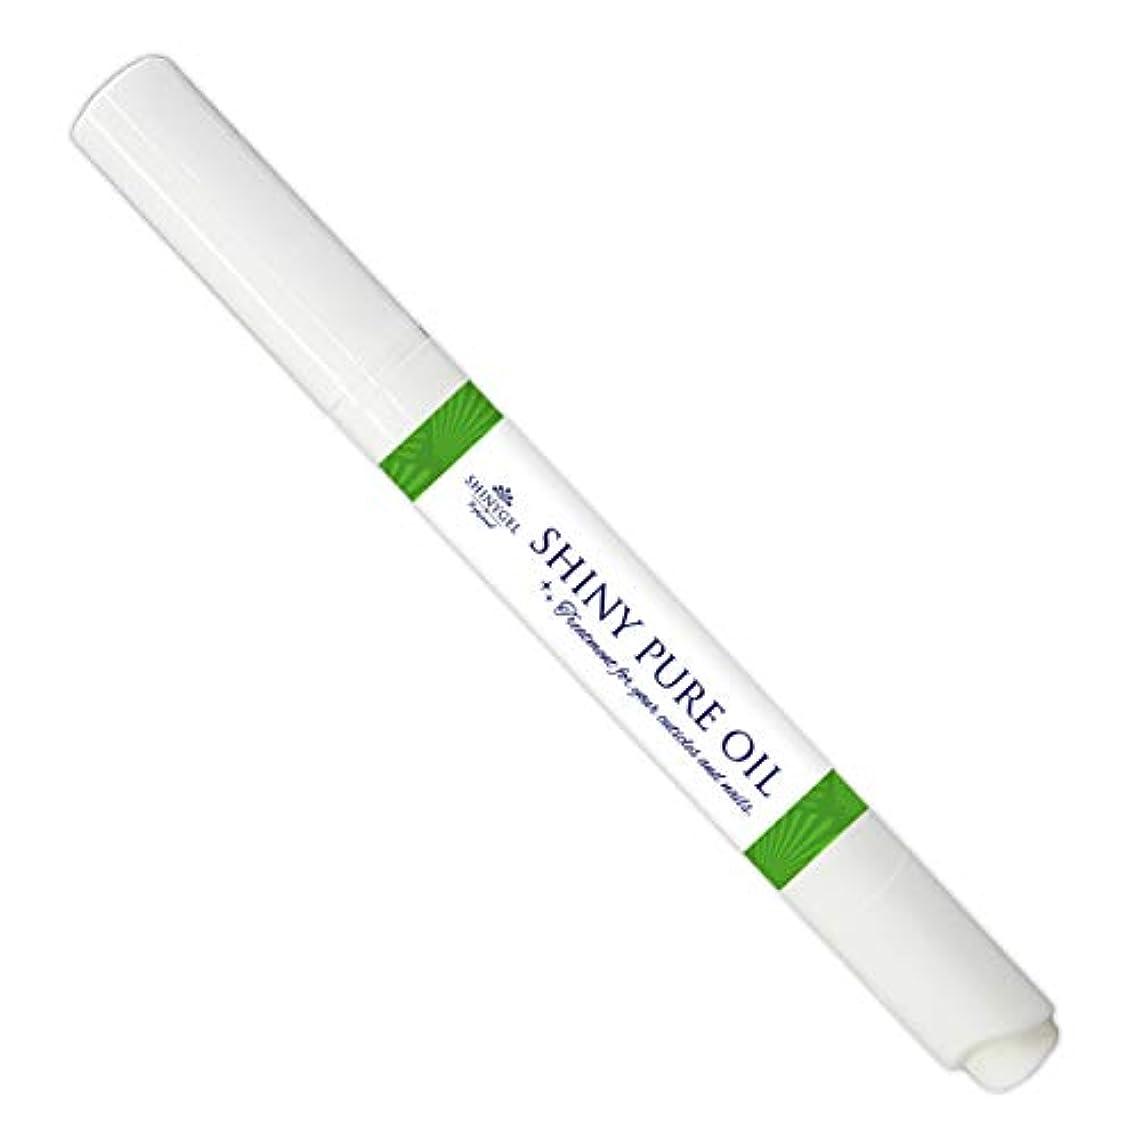 信頼性のあるのりカールSHINY GEL シャイニーピュアオイル ペンタイプ 2.5ml キューティクルオイル